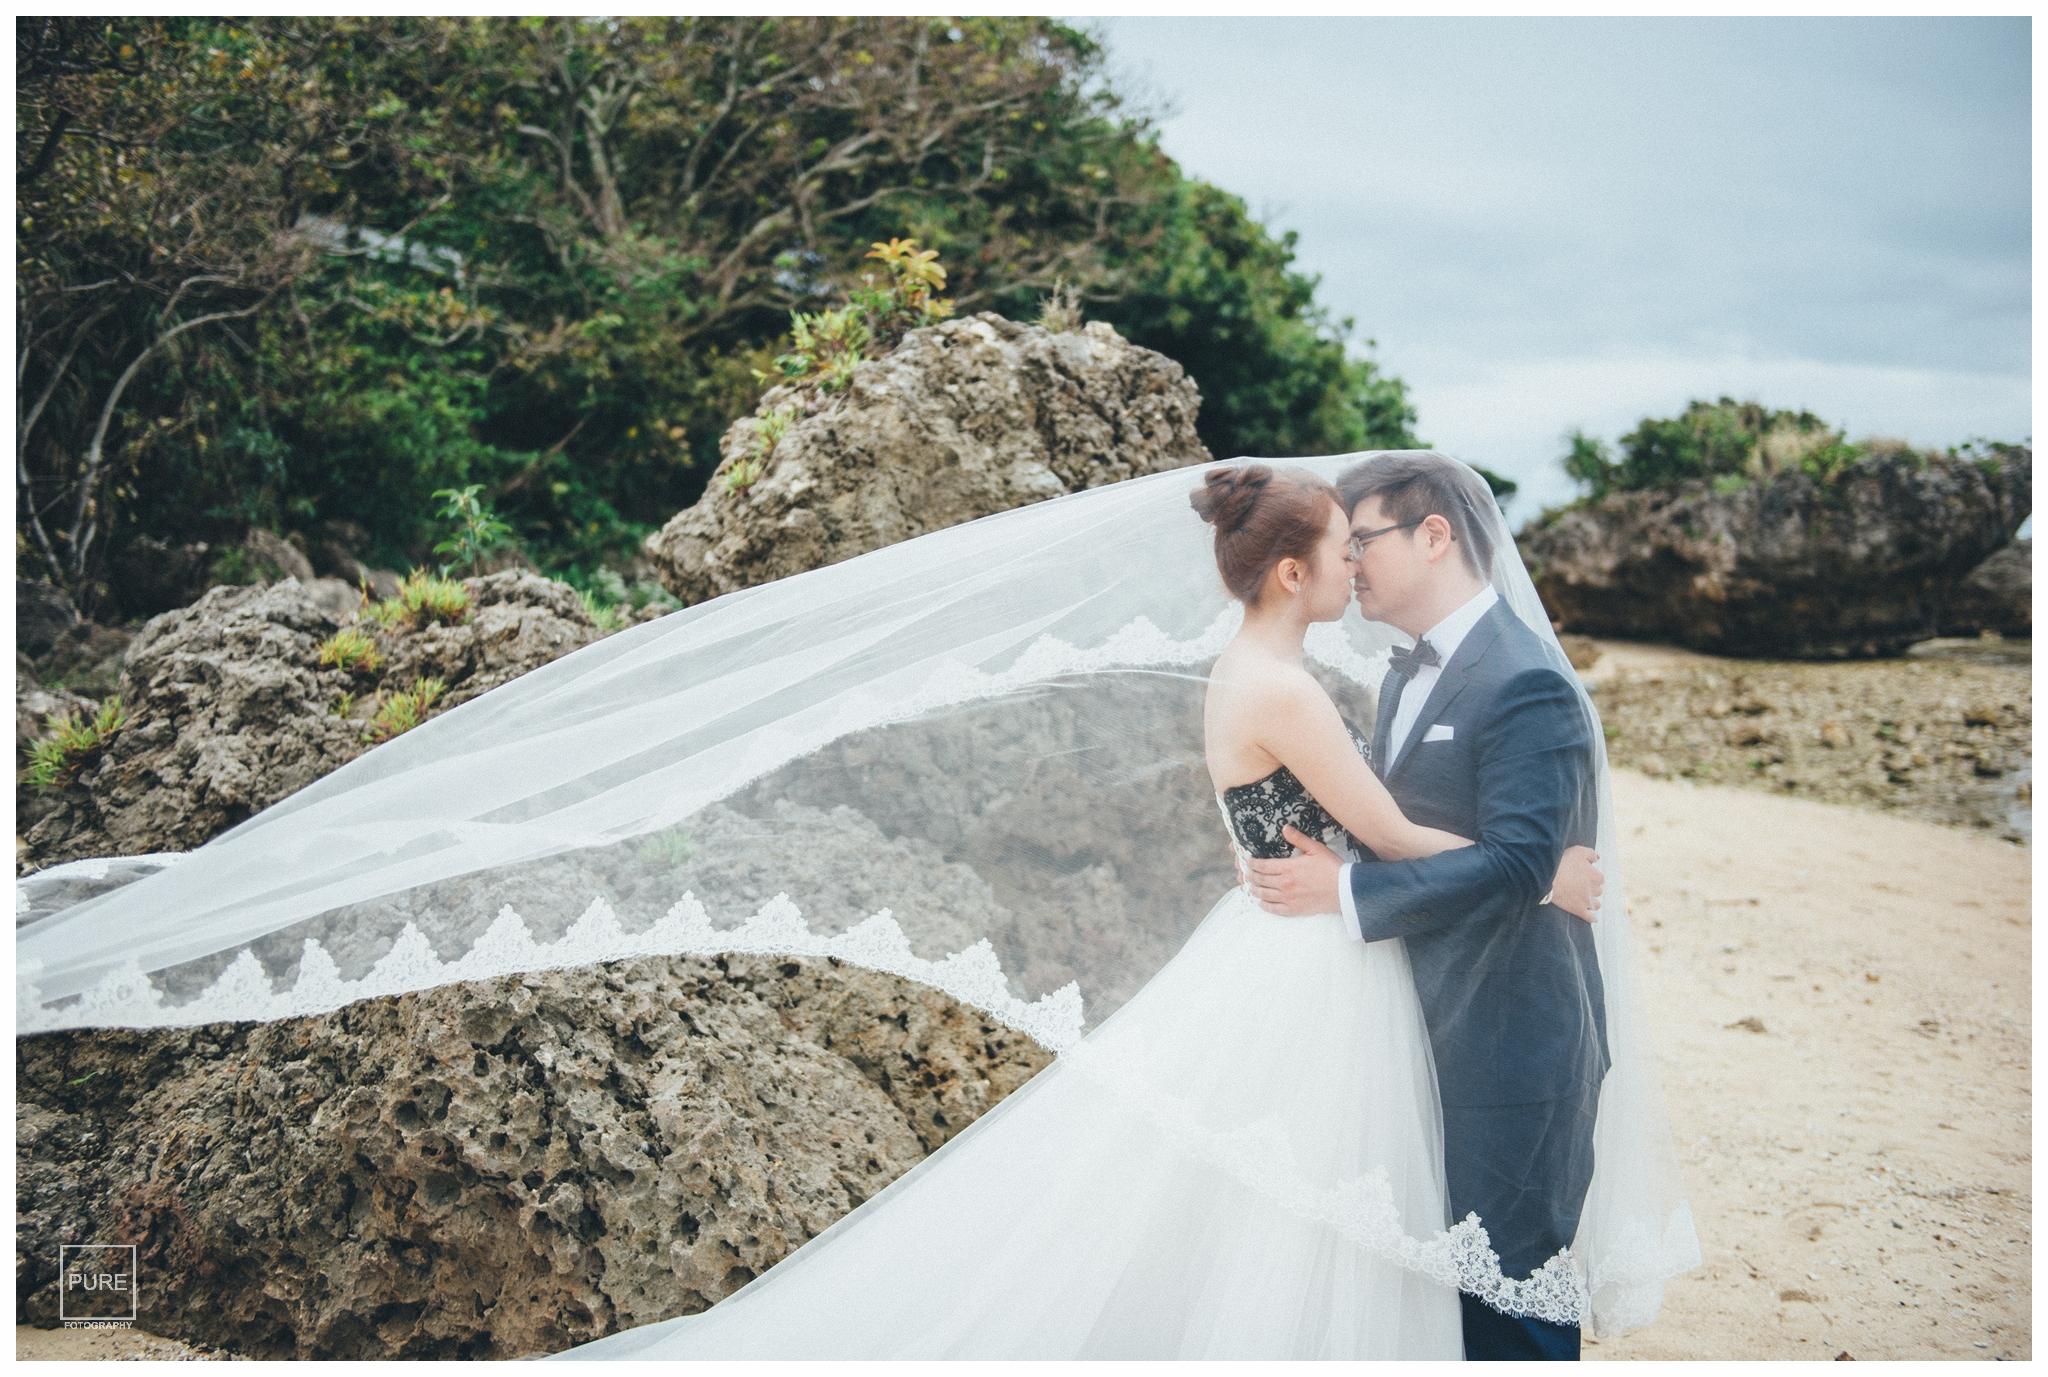 沖繩婚紗,海灘,婚紗拍攝,okinawa